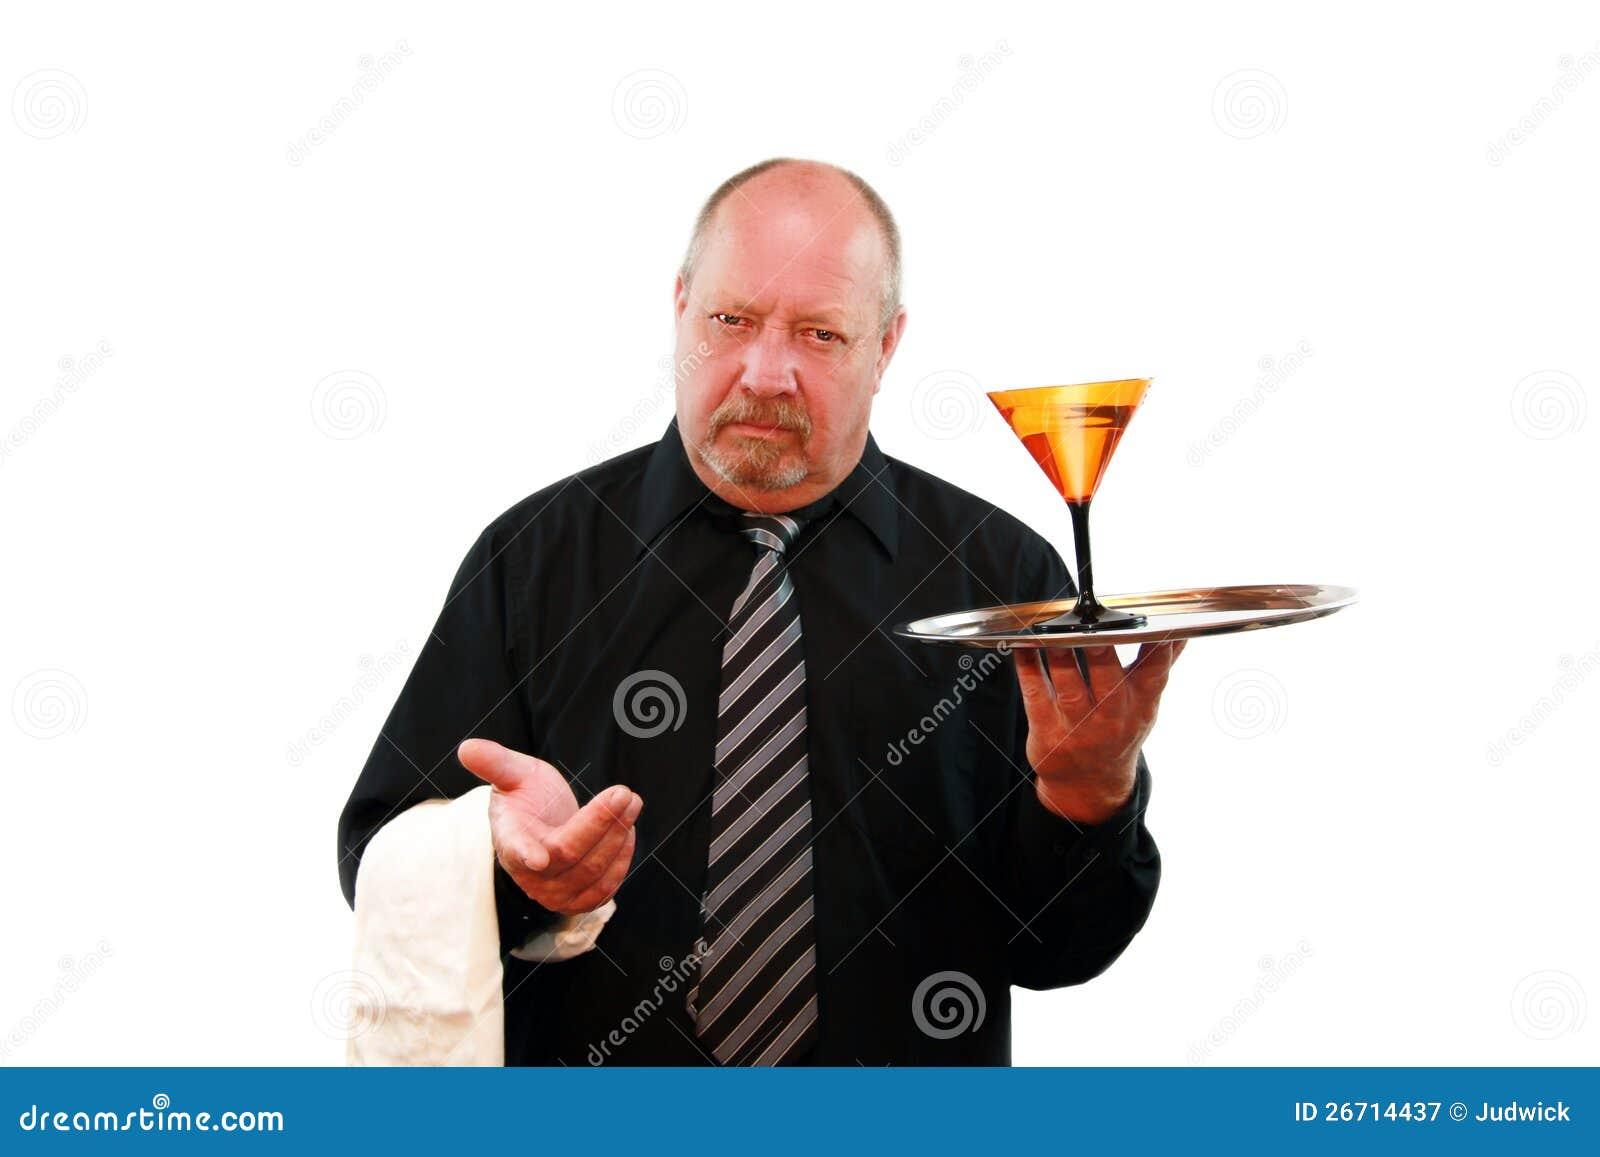 Gderliwy Barman